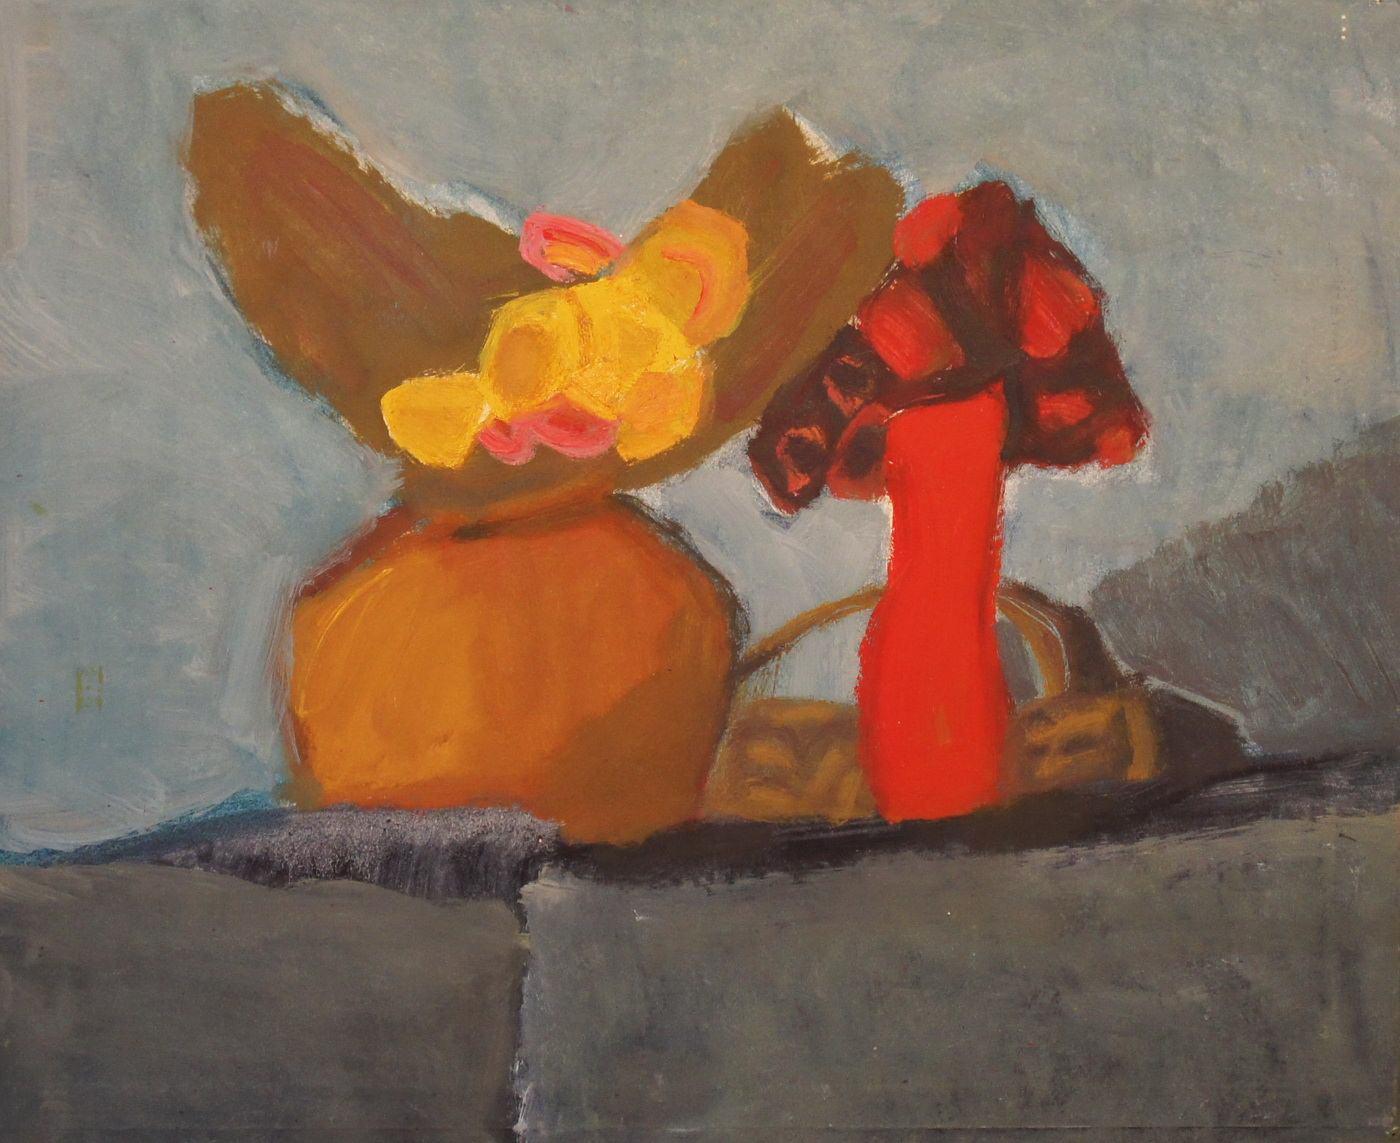 Виктор Дынников. Кукольный натюрморт. 1990-е гг., Оргалит, масло, 55х65